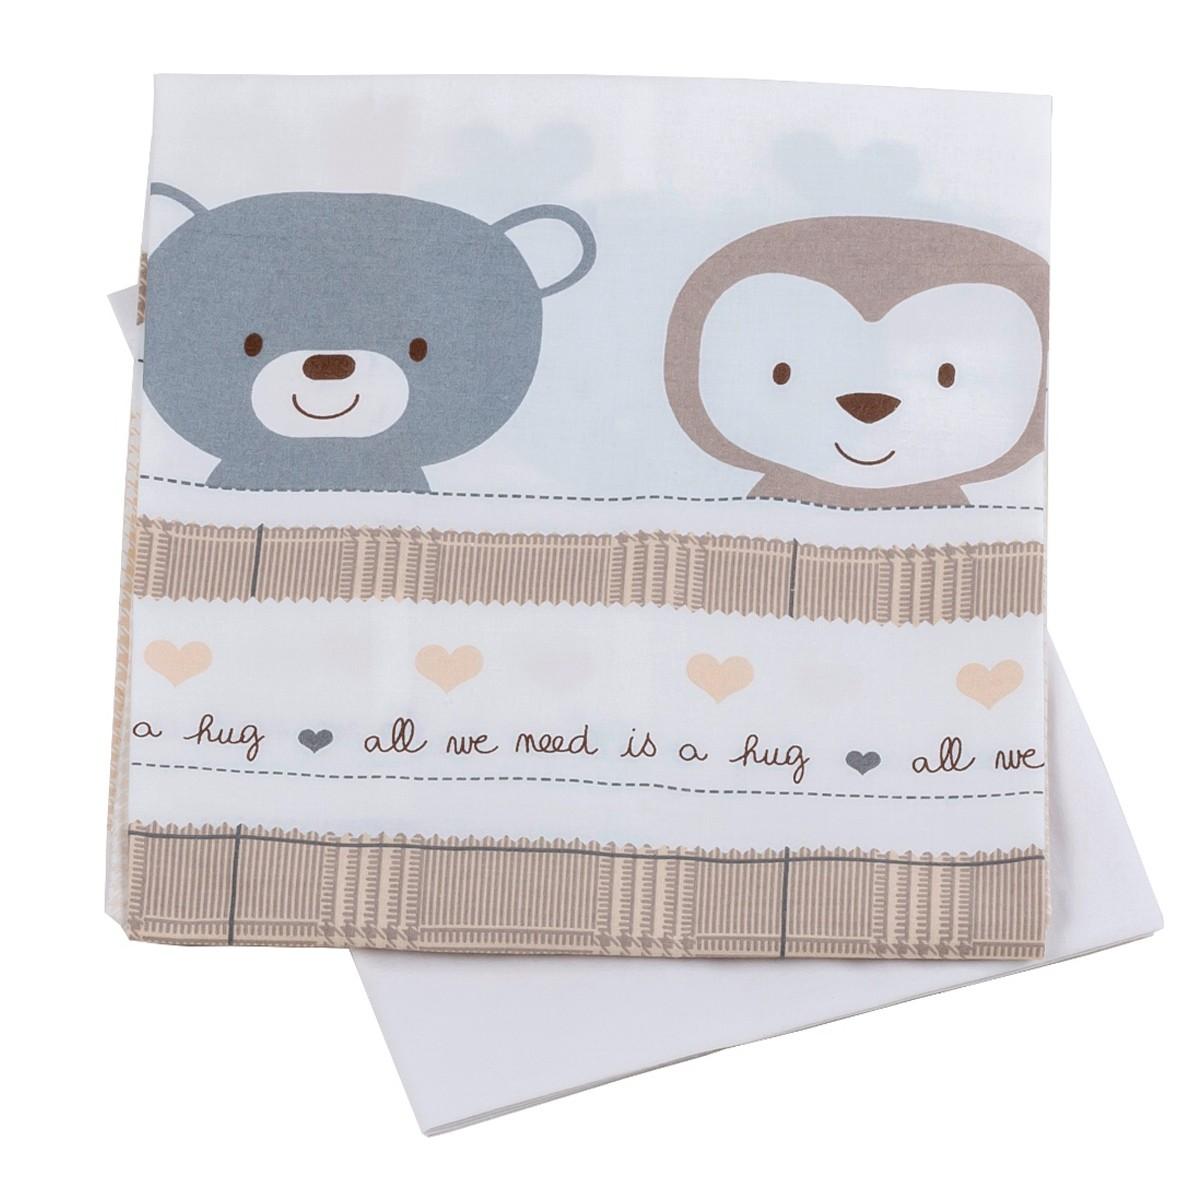 Σεντόνια Λίκνου (Σετ) Κόσμος Του Μωρού Hug 0231 Μπεζ